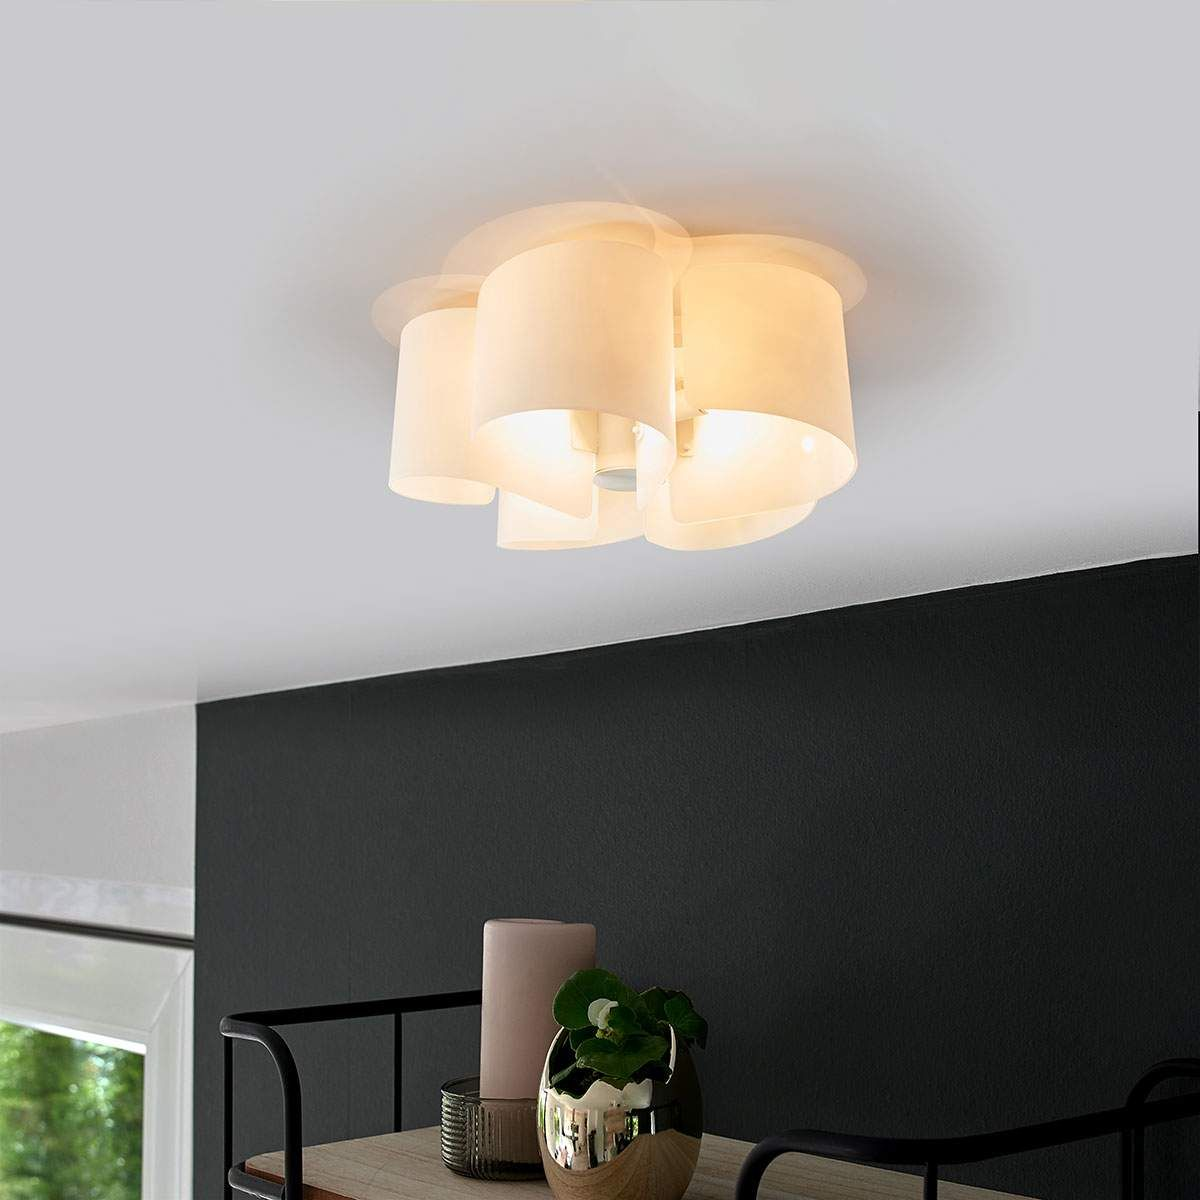 Full Size of Schlafzimmer Deckenlampe Decke Wohnzimmer Beleuchtung Moderne Bilder Fürs Tischlampe Led Einbauleuchten Bad Lederpflege Sofa Vorhänge Deckenlampen Lampen Wohnzimmer Deckenlampe Led Wohnzimmer